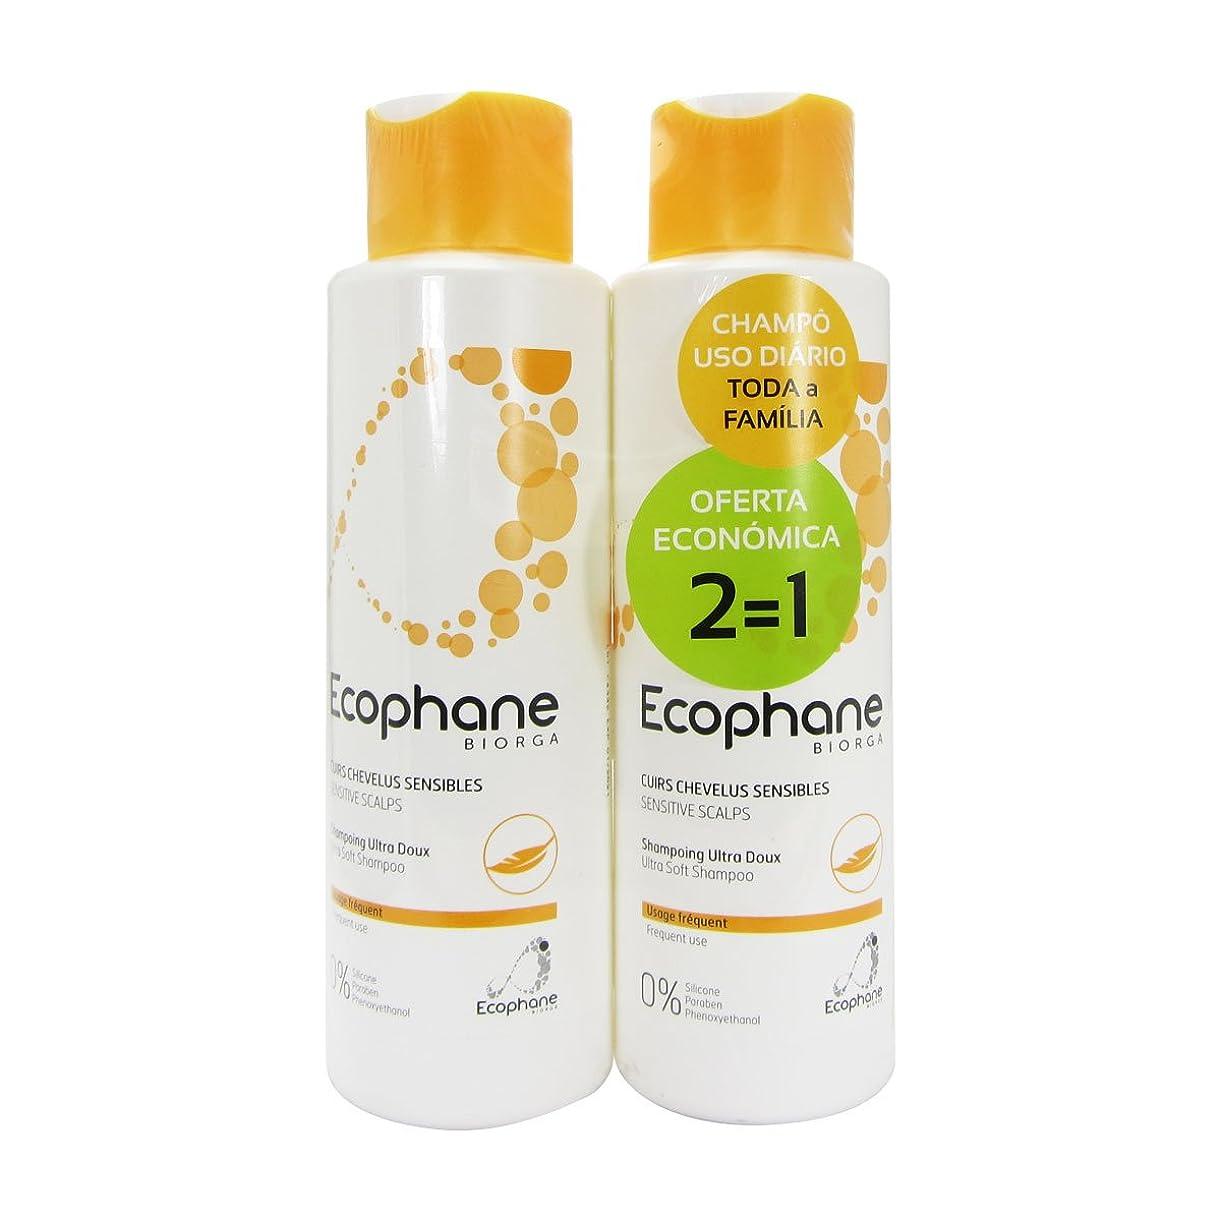 尊厳放棄するサラダBiorga Ecophane Pack Ultra Soft Shampoo 2x500ml [並行輸入品]